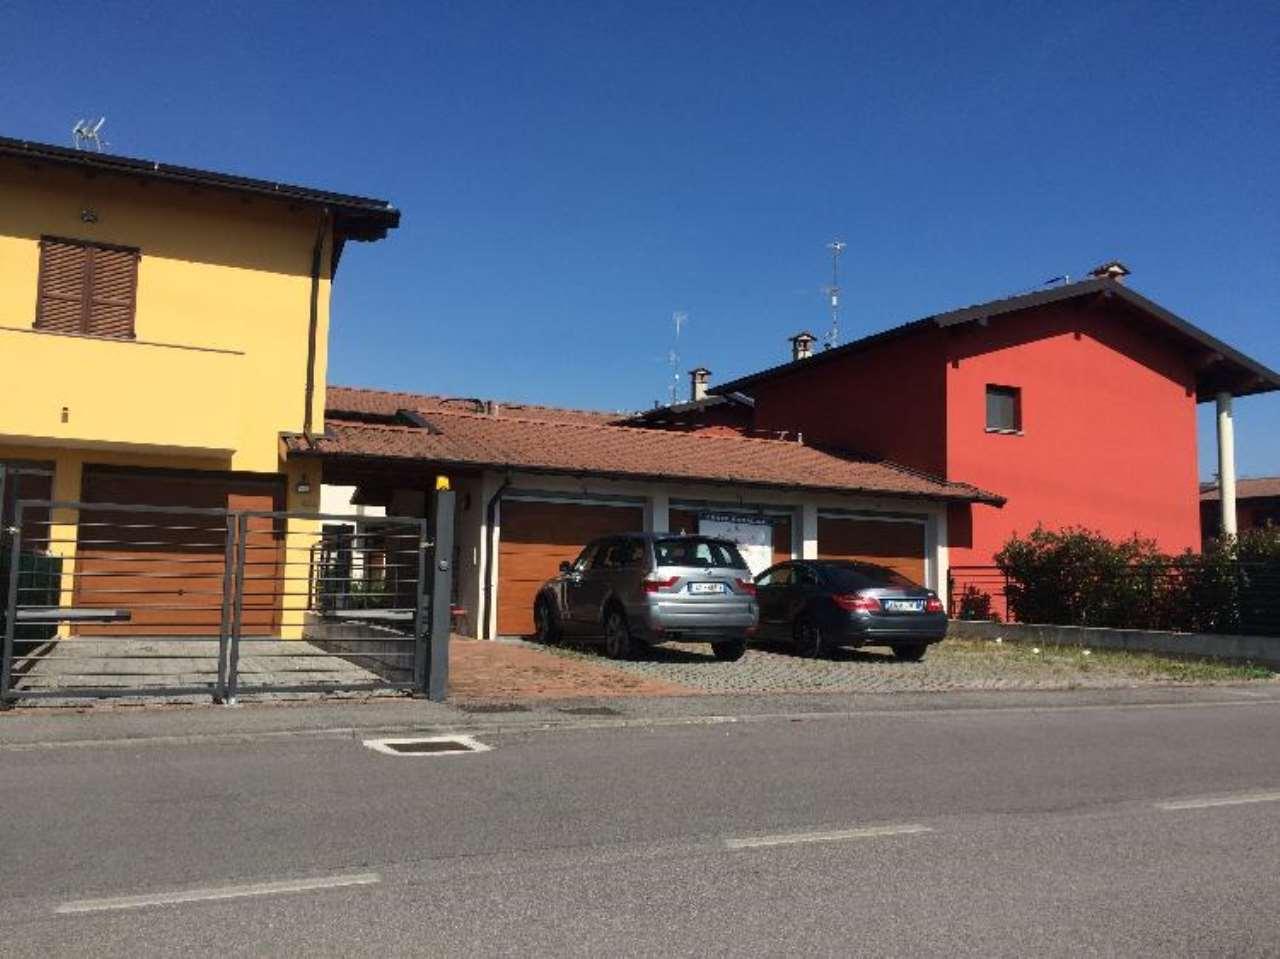 Appartamento in vendita a Pozzaglio ed Uniti, 3 locali, prezzo € 142.000 | Cambio Casa.it